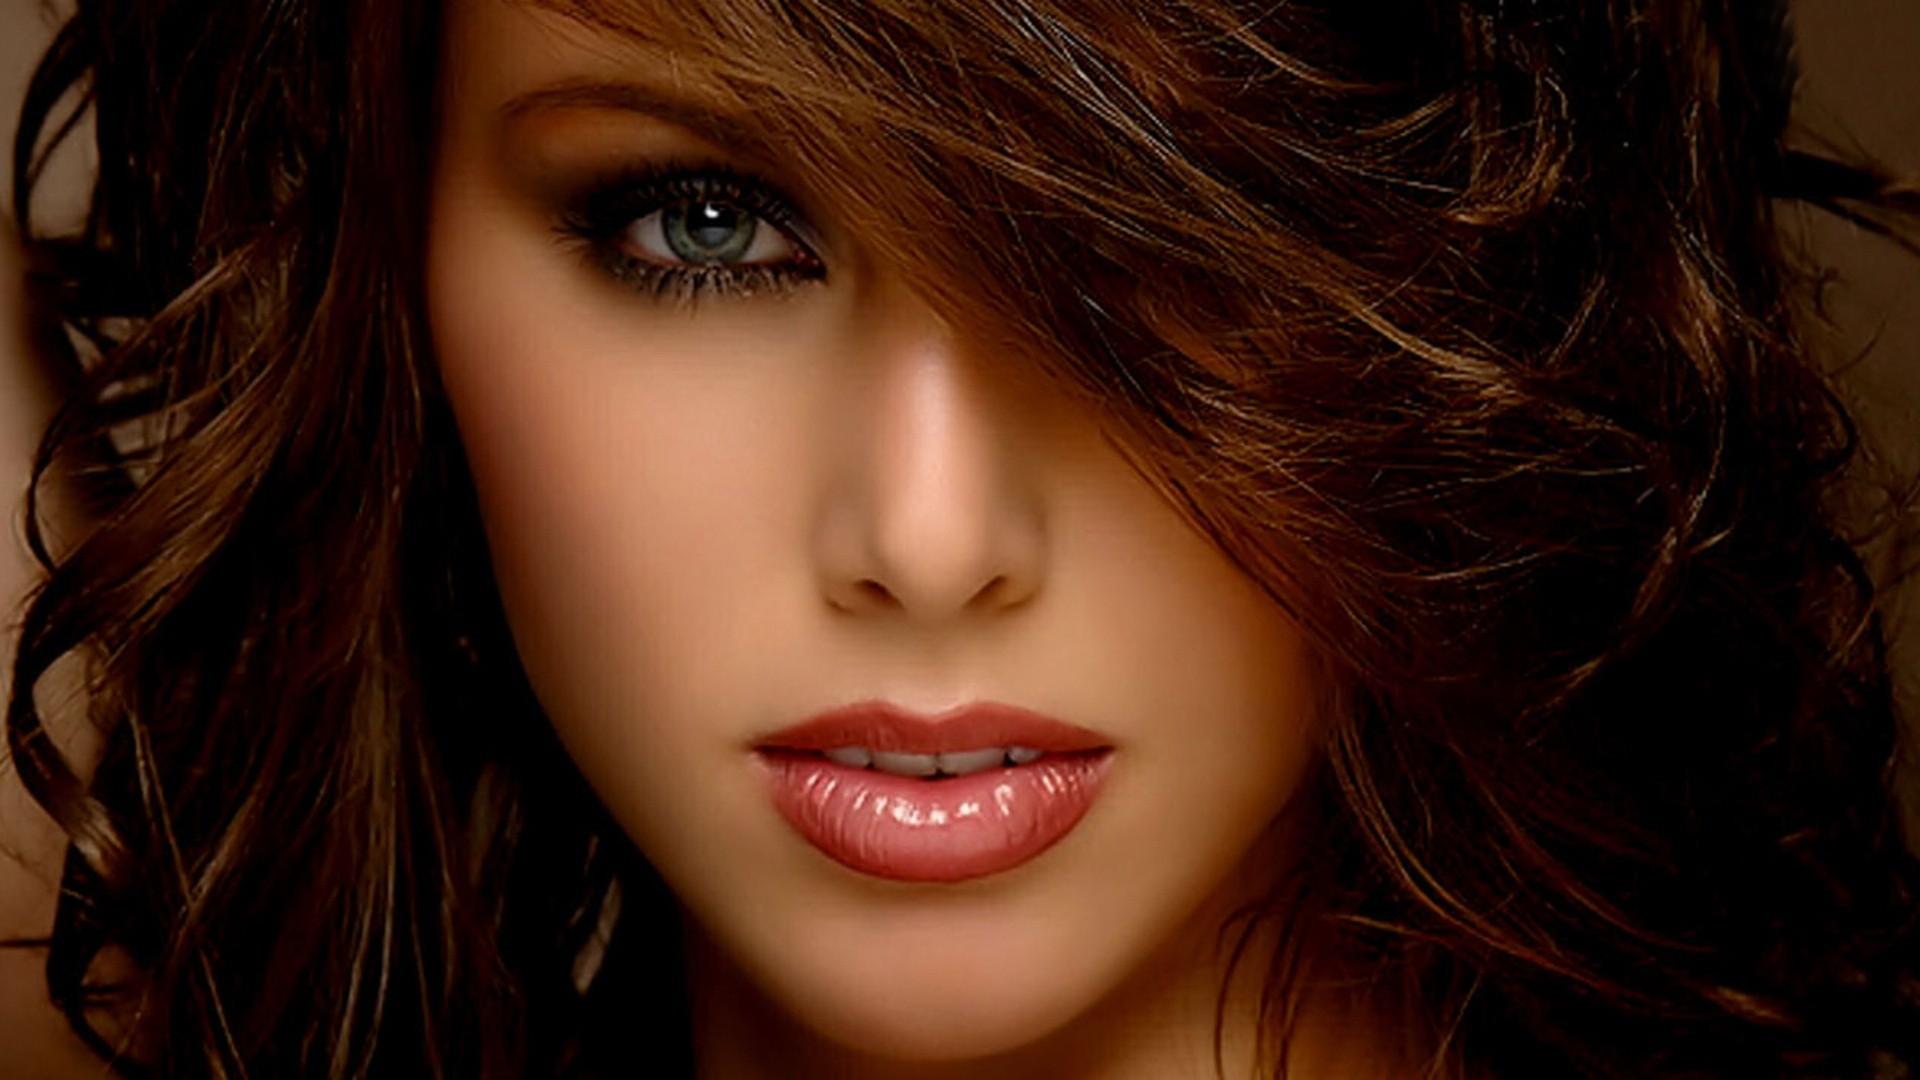 Beautiful Face Wallpaper